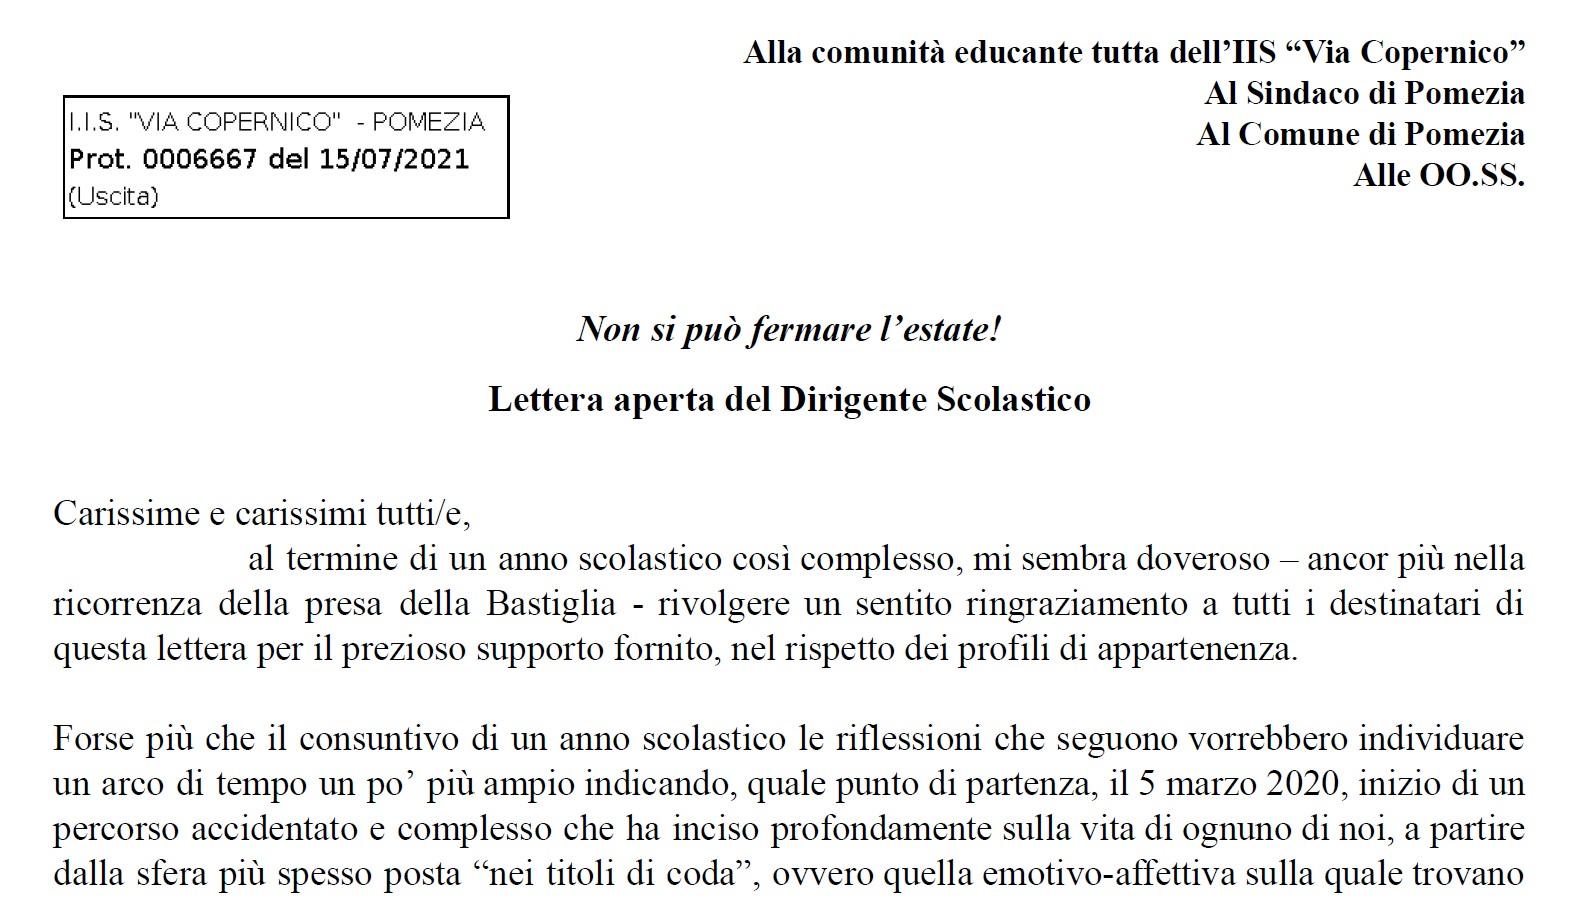 Lettera aperta del Dirigente Scolastico